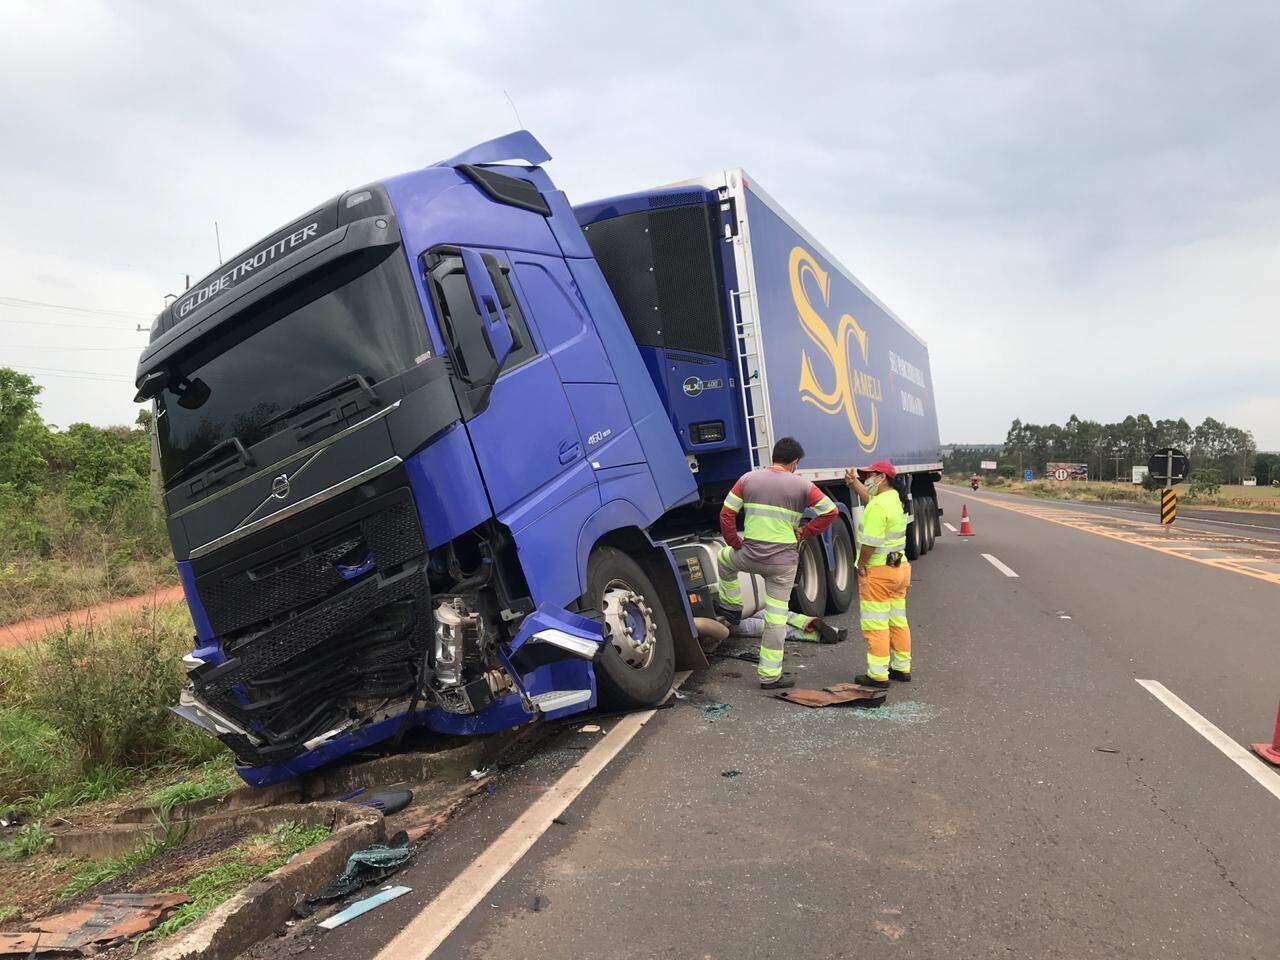 Carreta envolvida em acidente que deixou condutor de carro de passeio gravemente ferido (Foto: Ana Beatriz Rodrigues)